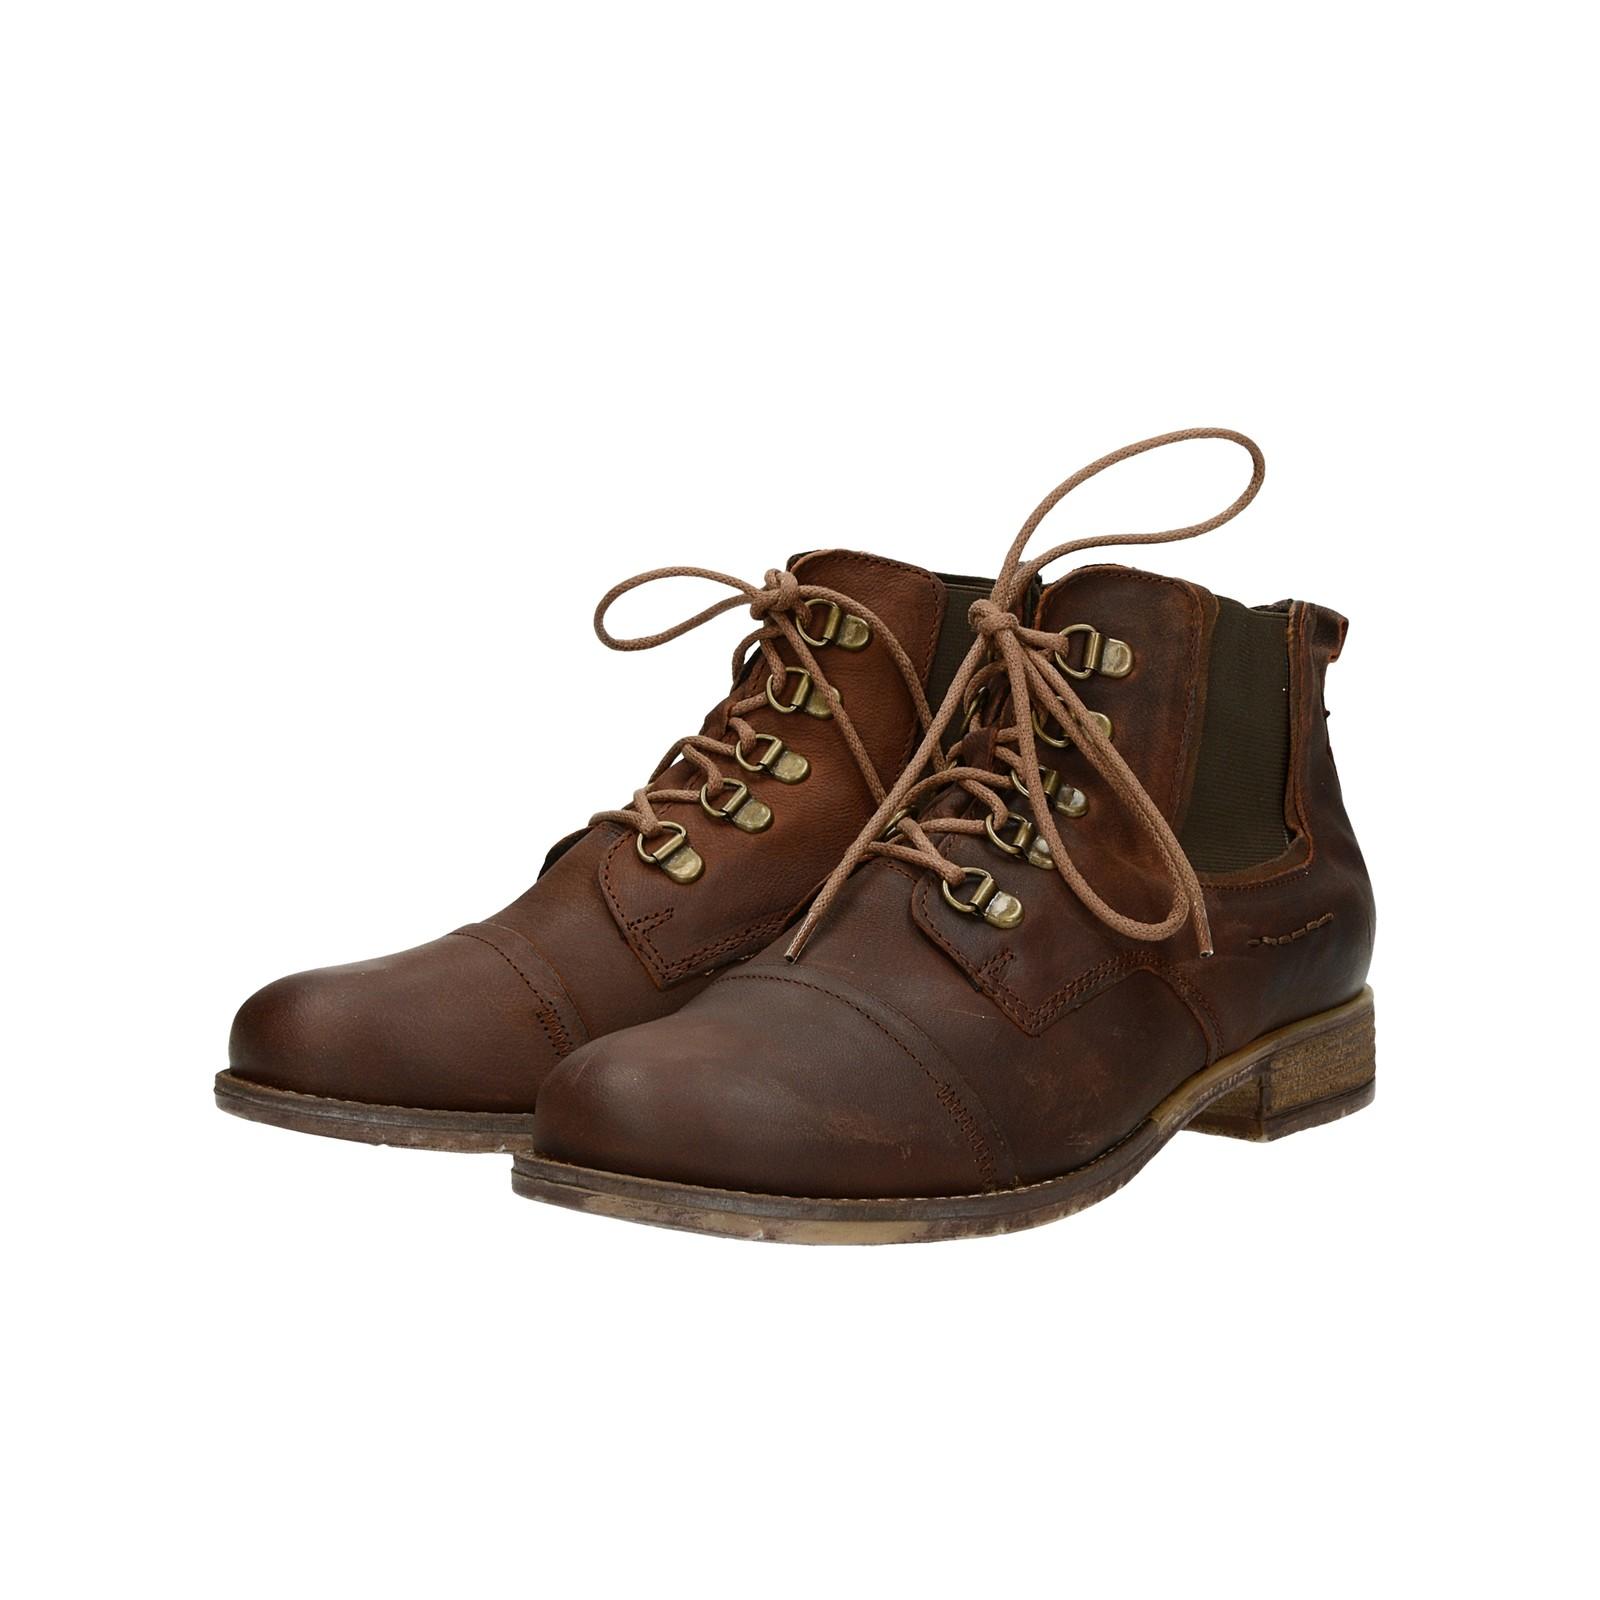 ... Josef Seibel dámské nubukové kotníkové boty - hnědé ... 64aaabdff1